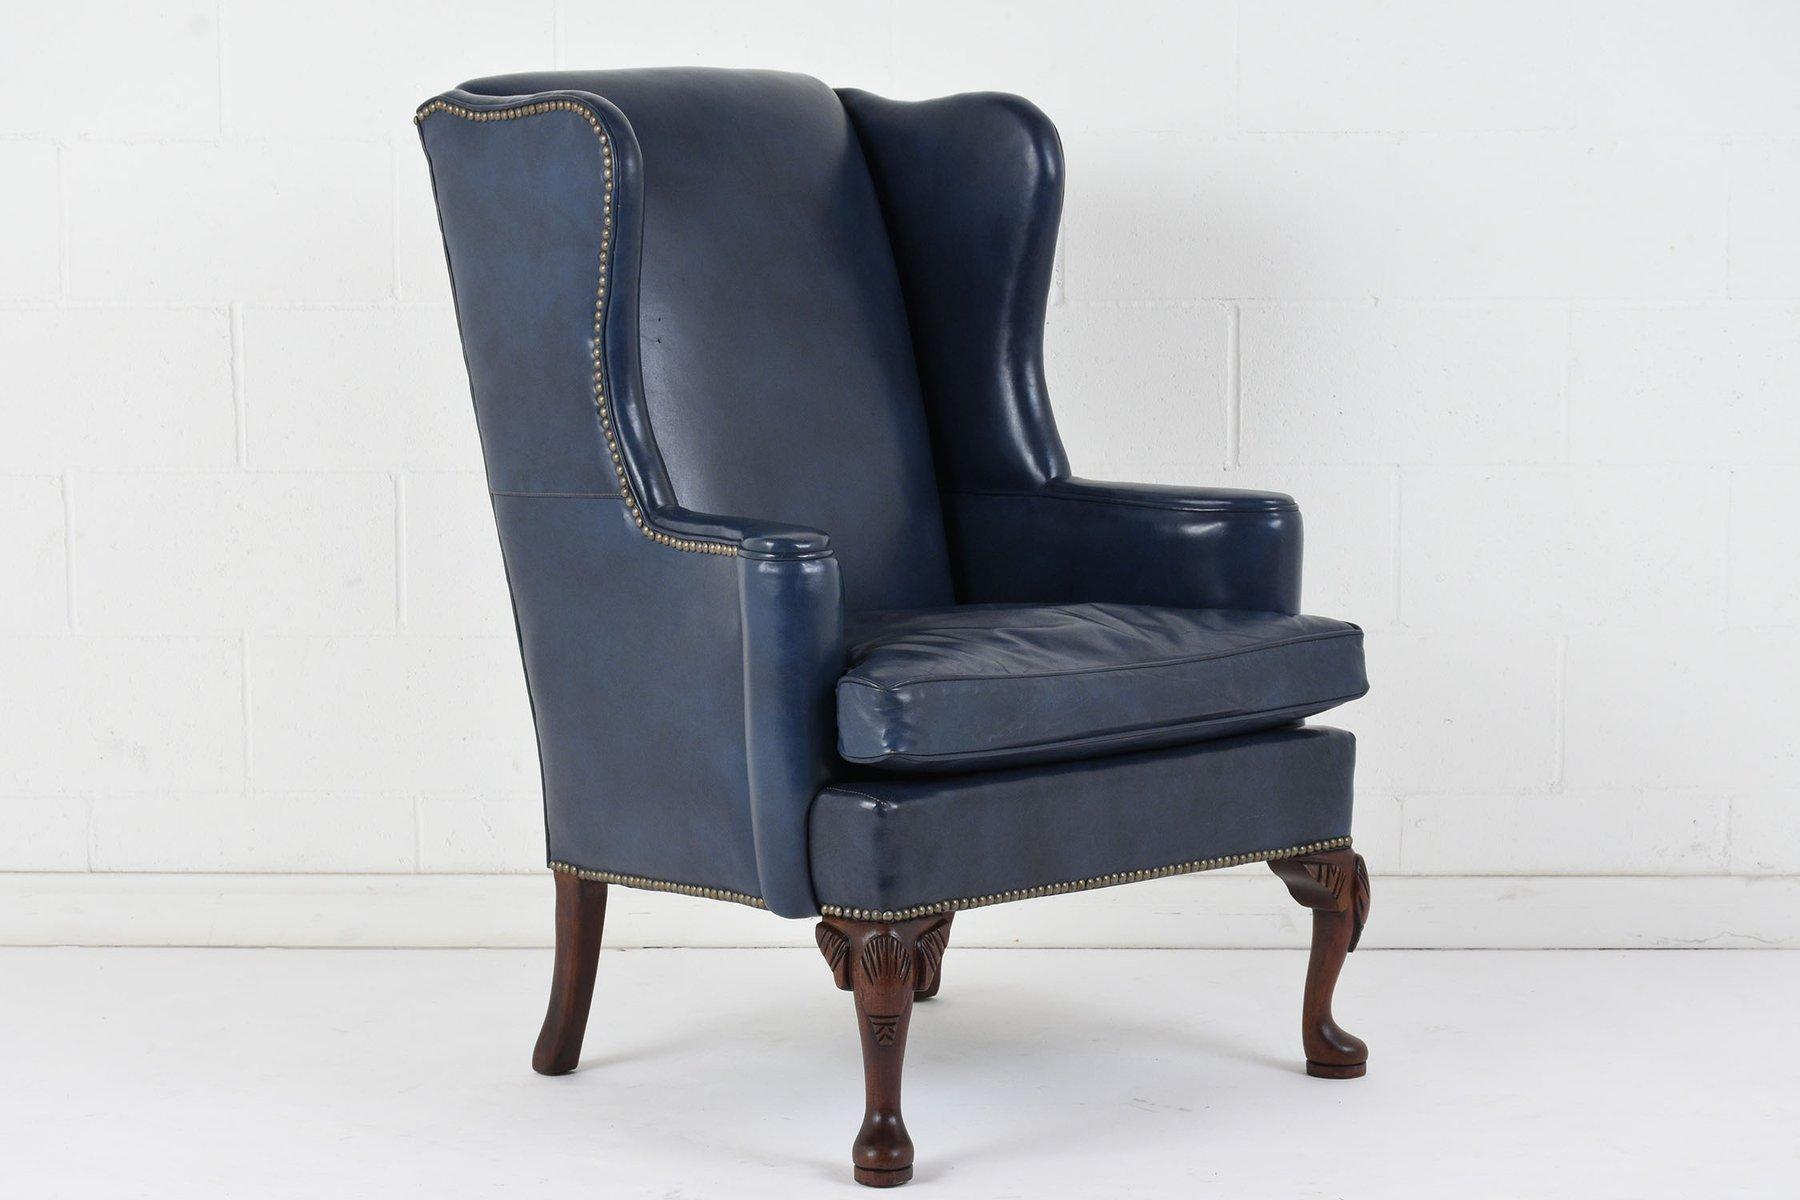 ohrensessel aus leder 1970er bei pamono kaufen. Black Bedroom Furniture Sets. Home Design Ideas